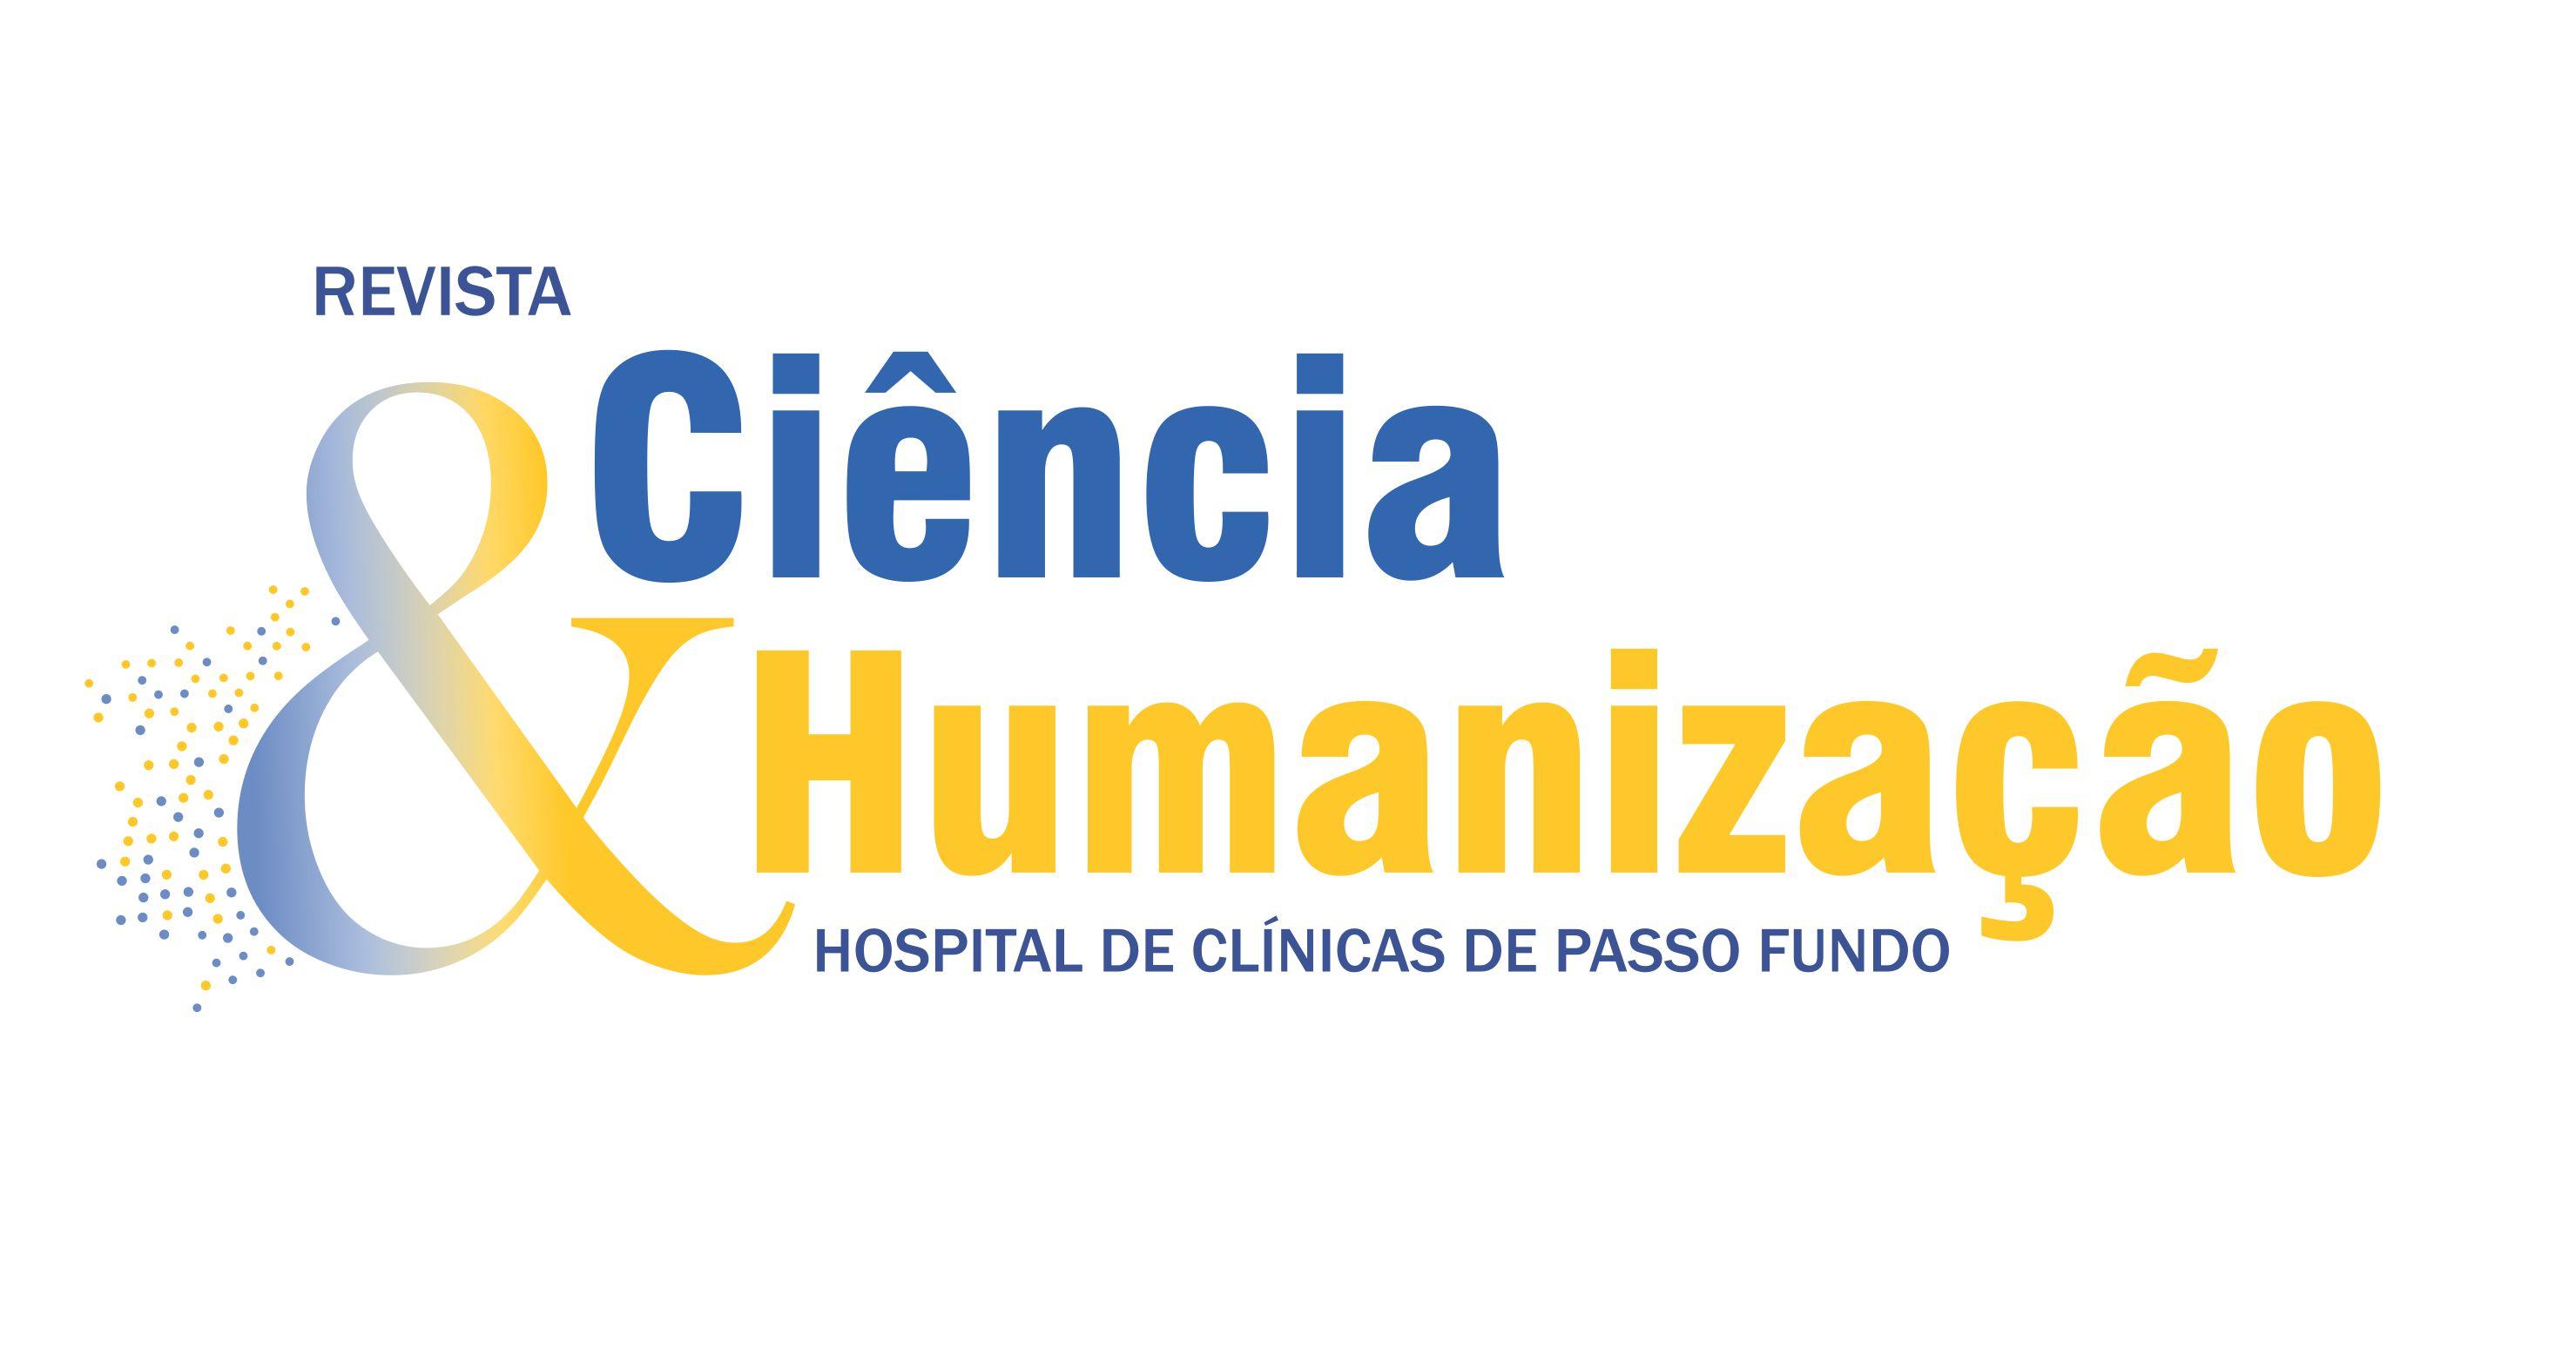 Logo da Revista Ciência & Humanização do Hospital de Clínicas de Passo Fundo